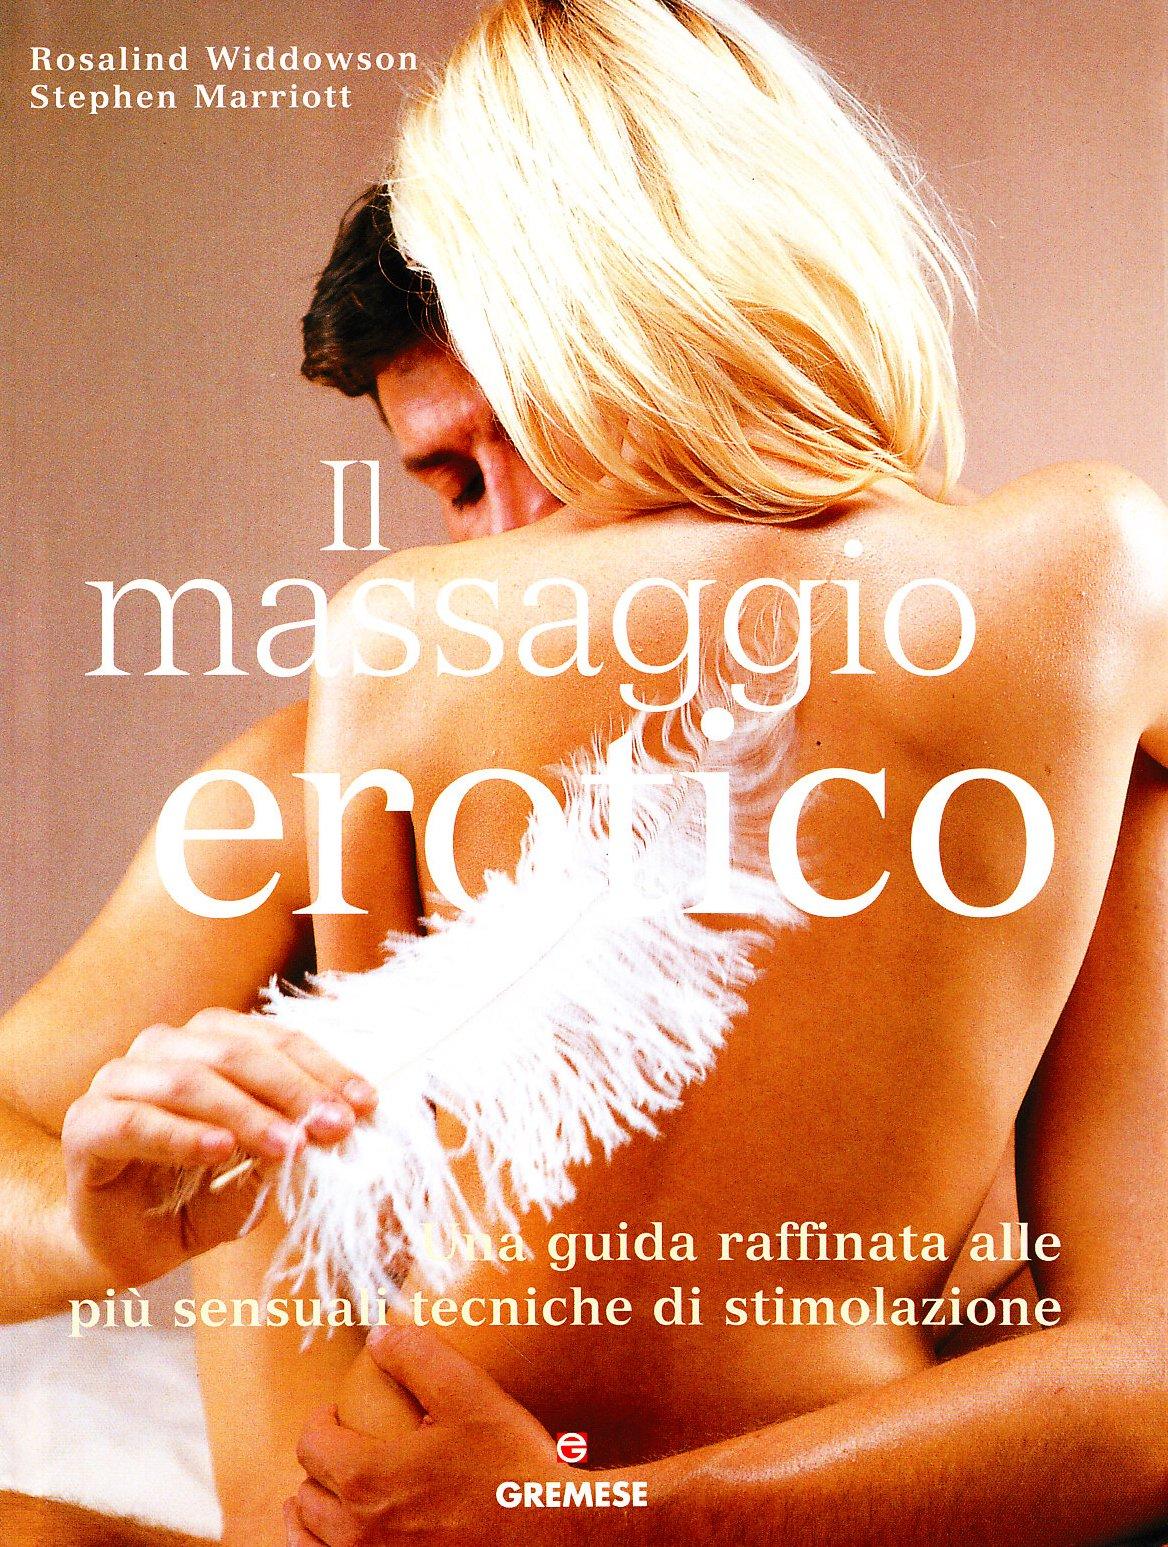 come+eseguire+un+massaggio+prostatico+sensuale+video+in+hd+download